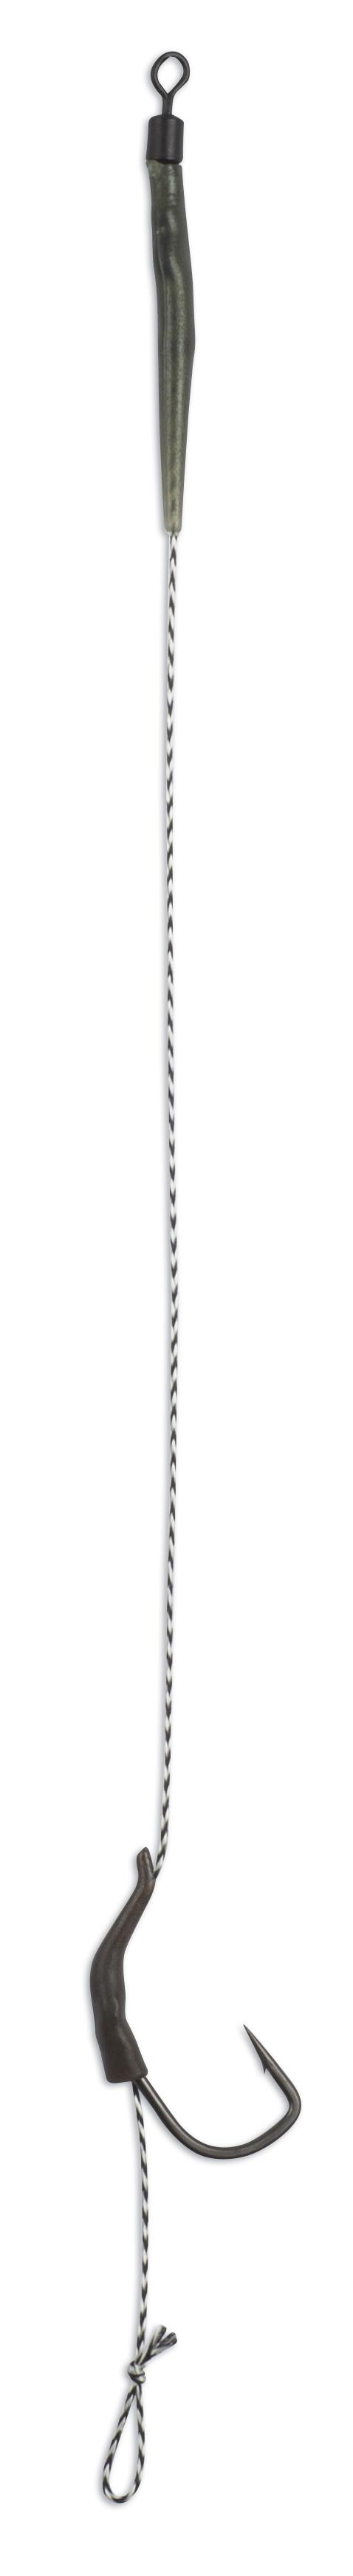 Nadväzec Anaconda Piercer Line Aligner Rig Angle 90 TGX s protihrotom č.2